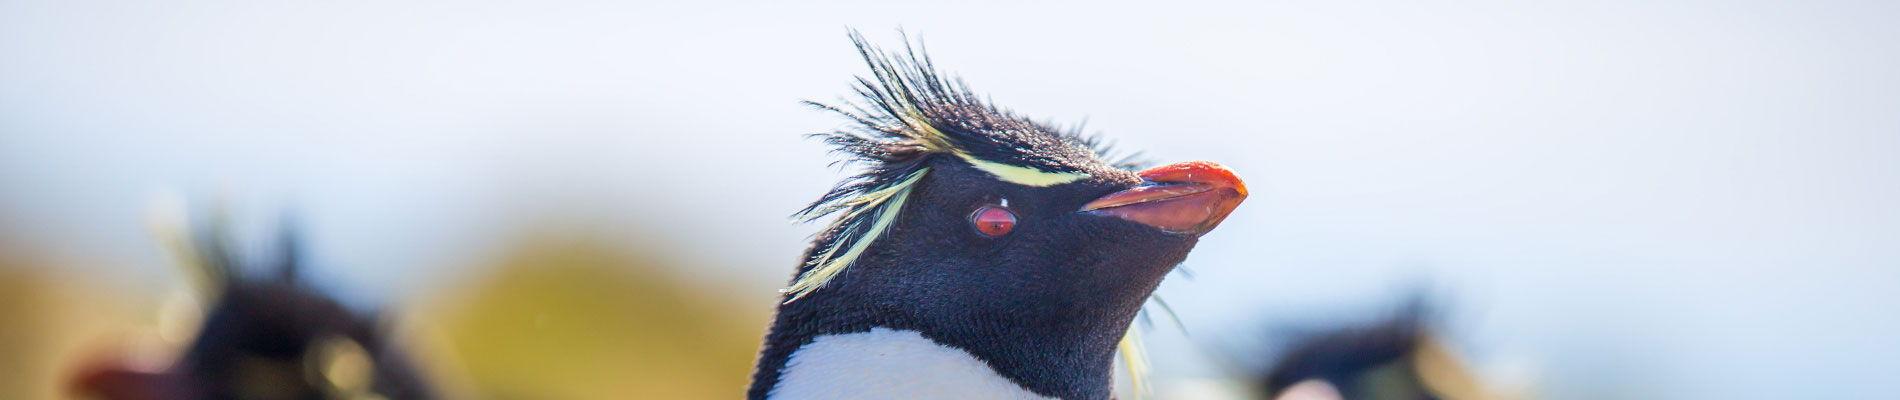 chili-pingouins-patagonie-st